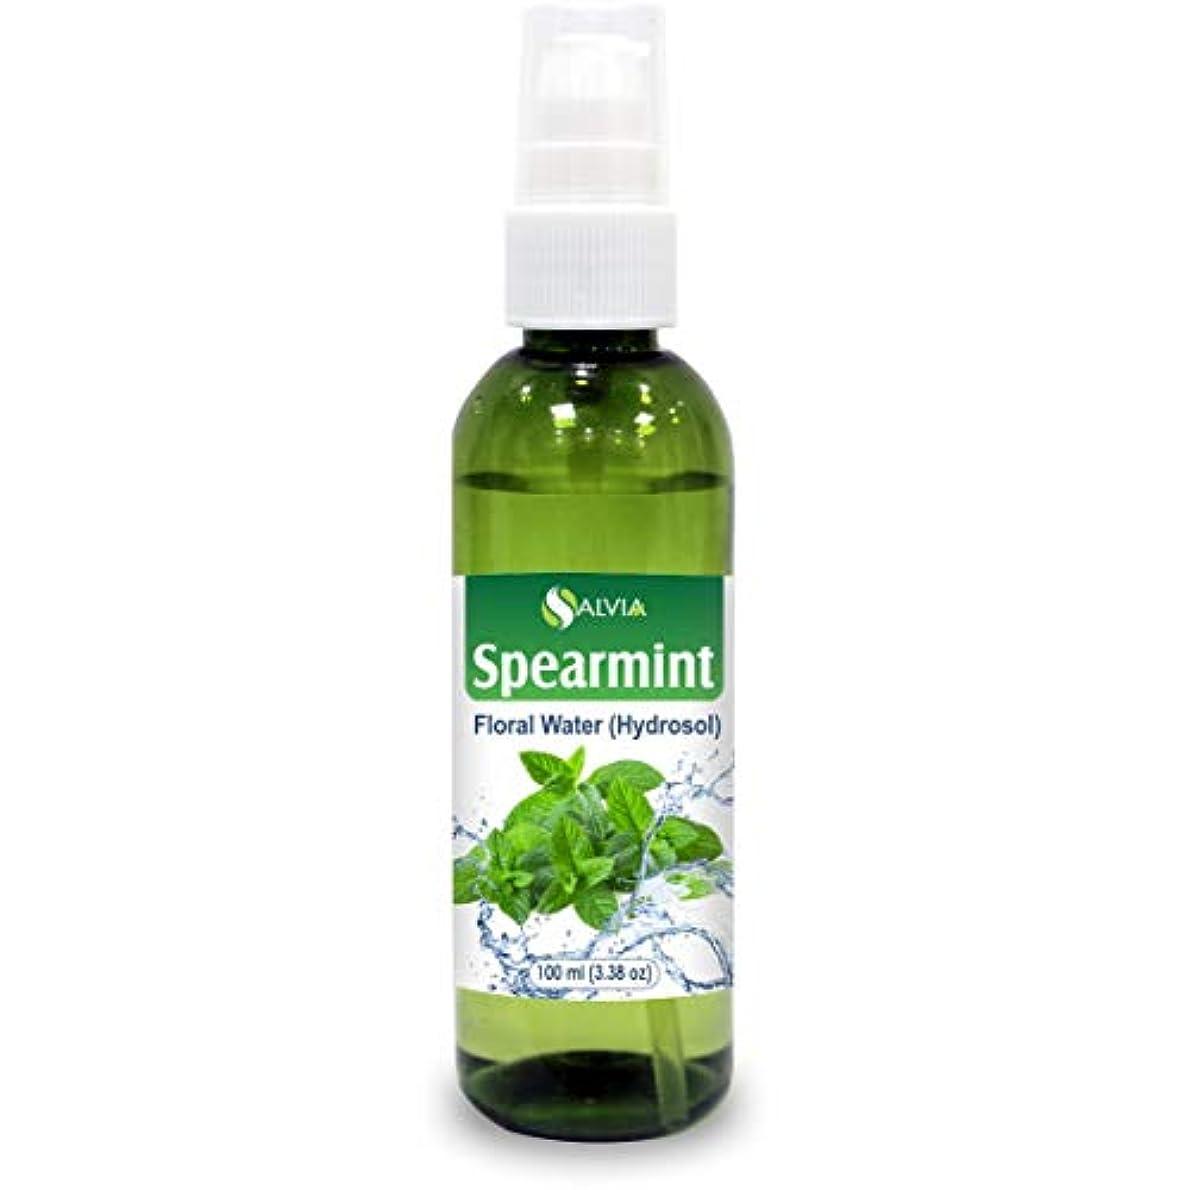 空洞アレルギー性塩辛いSpearmint Floral Water 100ml (Hydrosol) 100% Pure And Natural